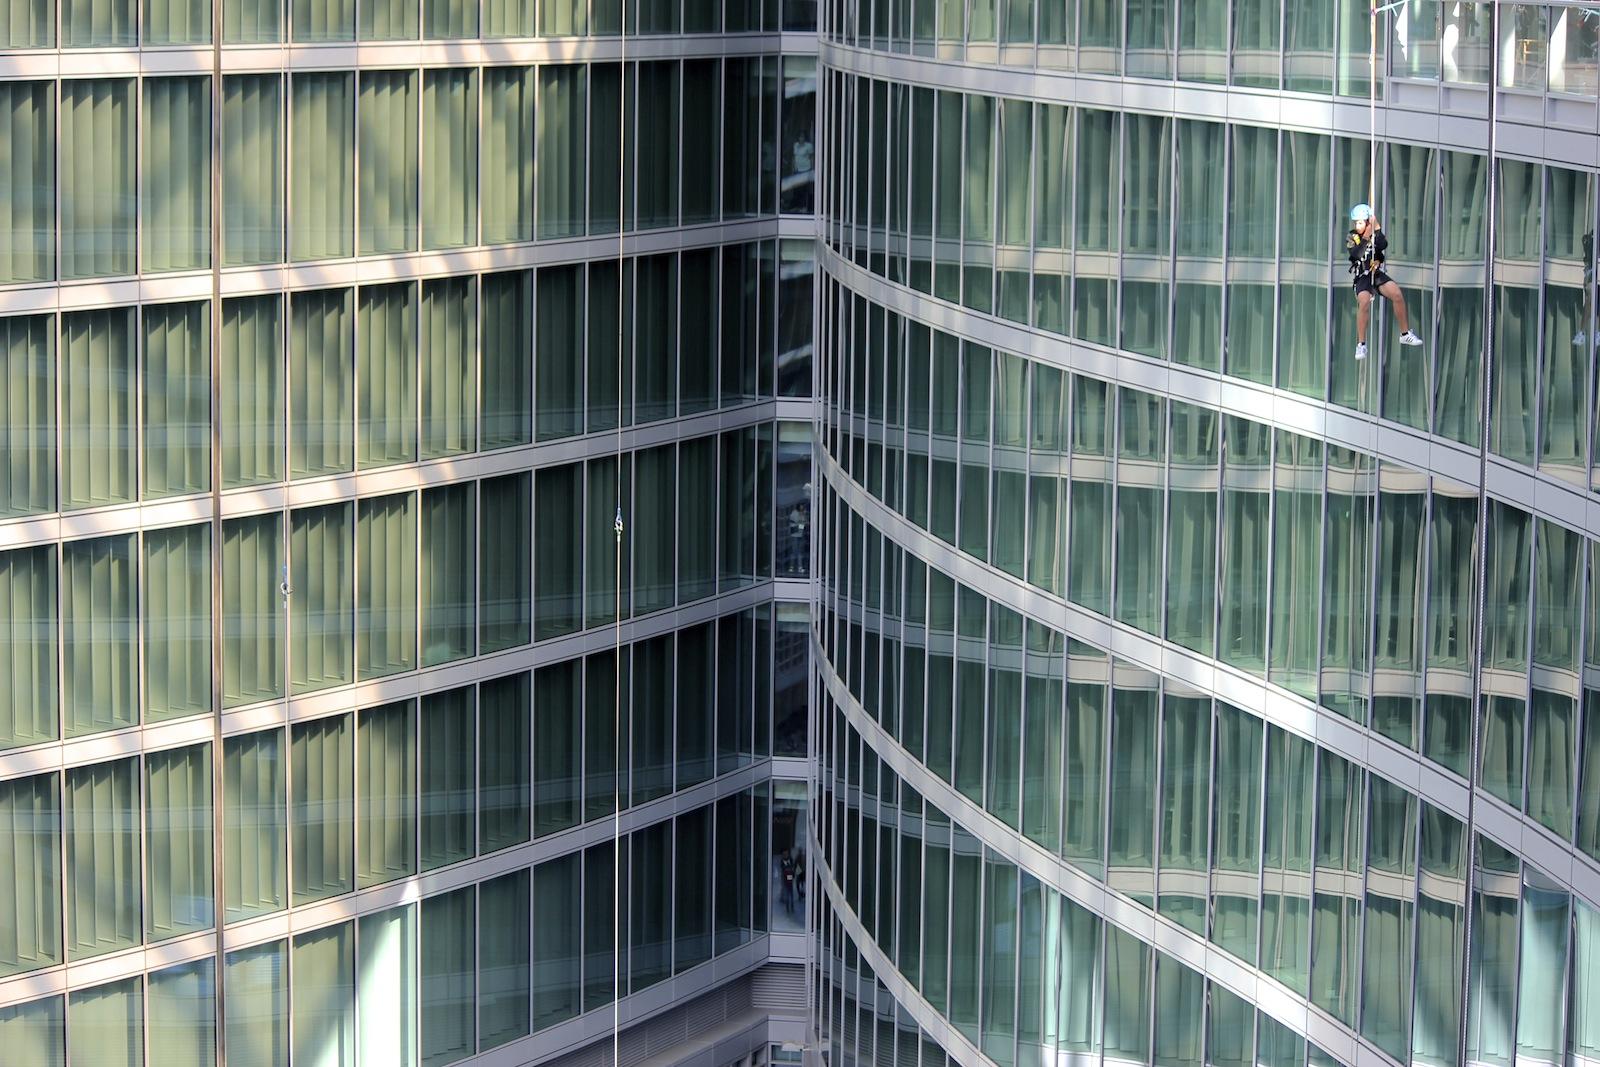 Milano_GuideAlpineLombardia_5